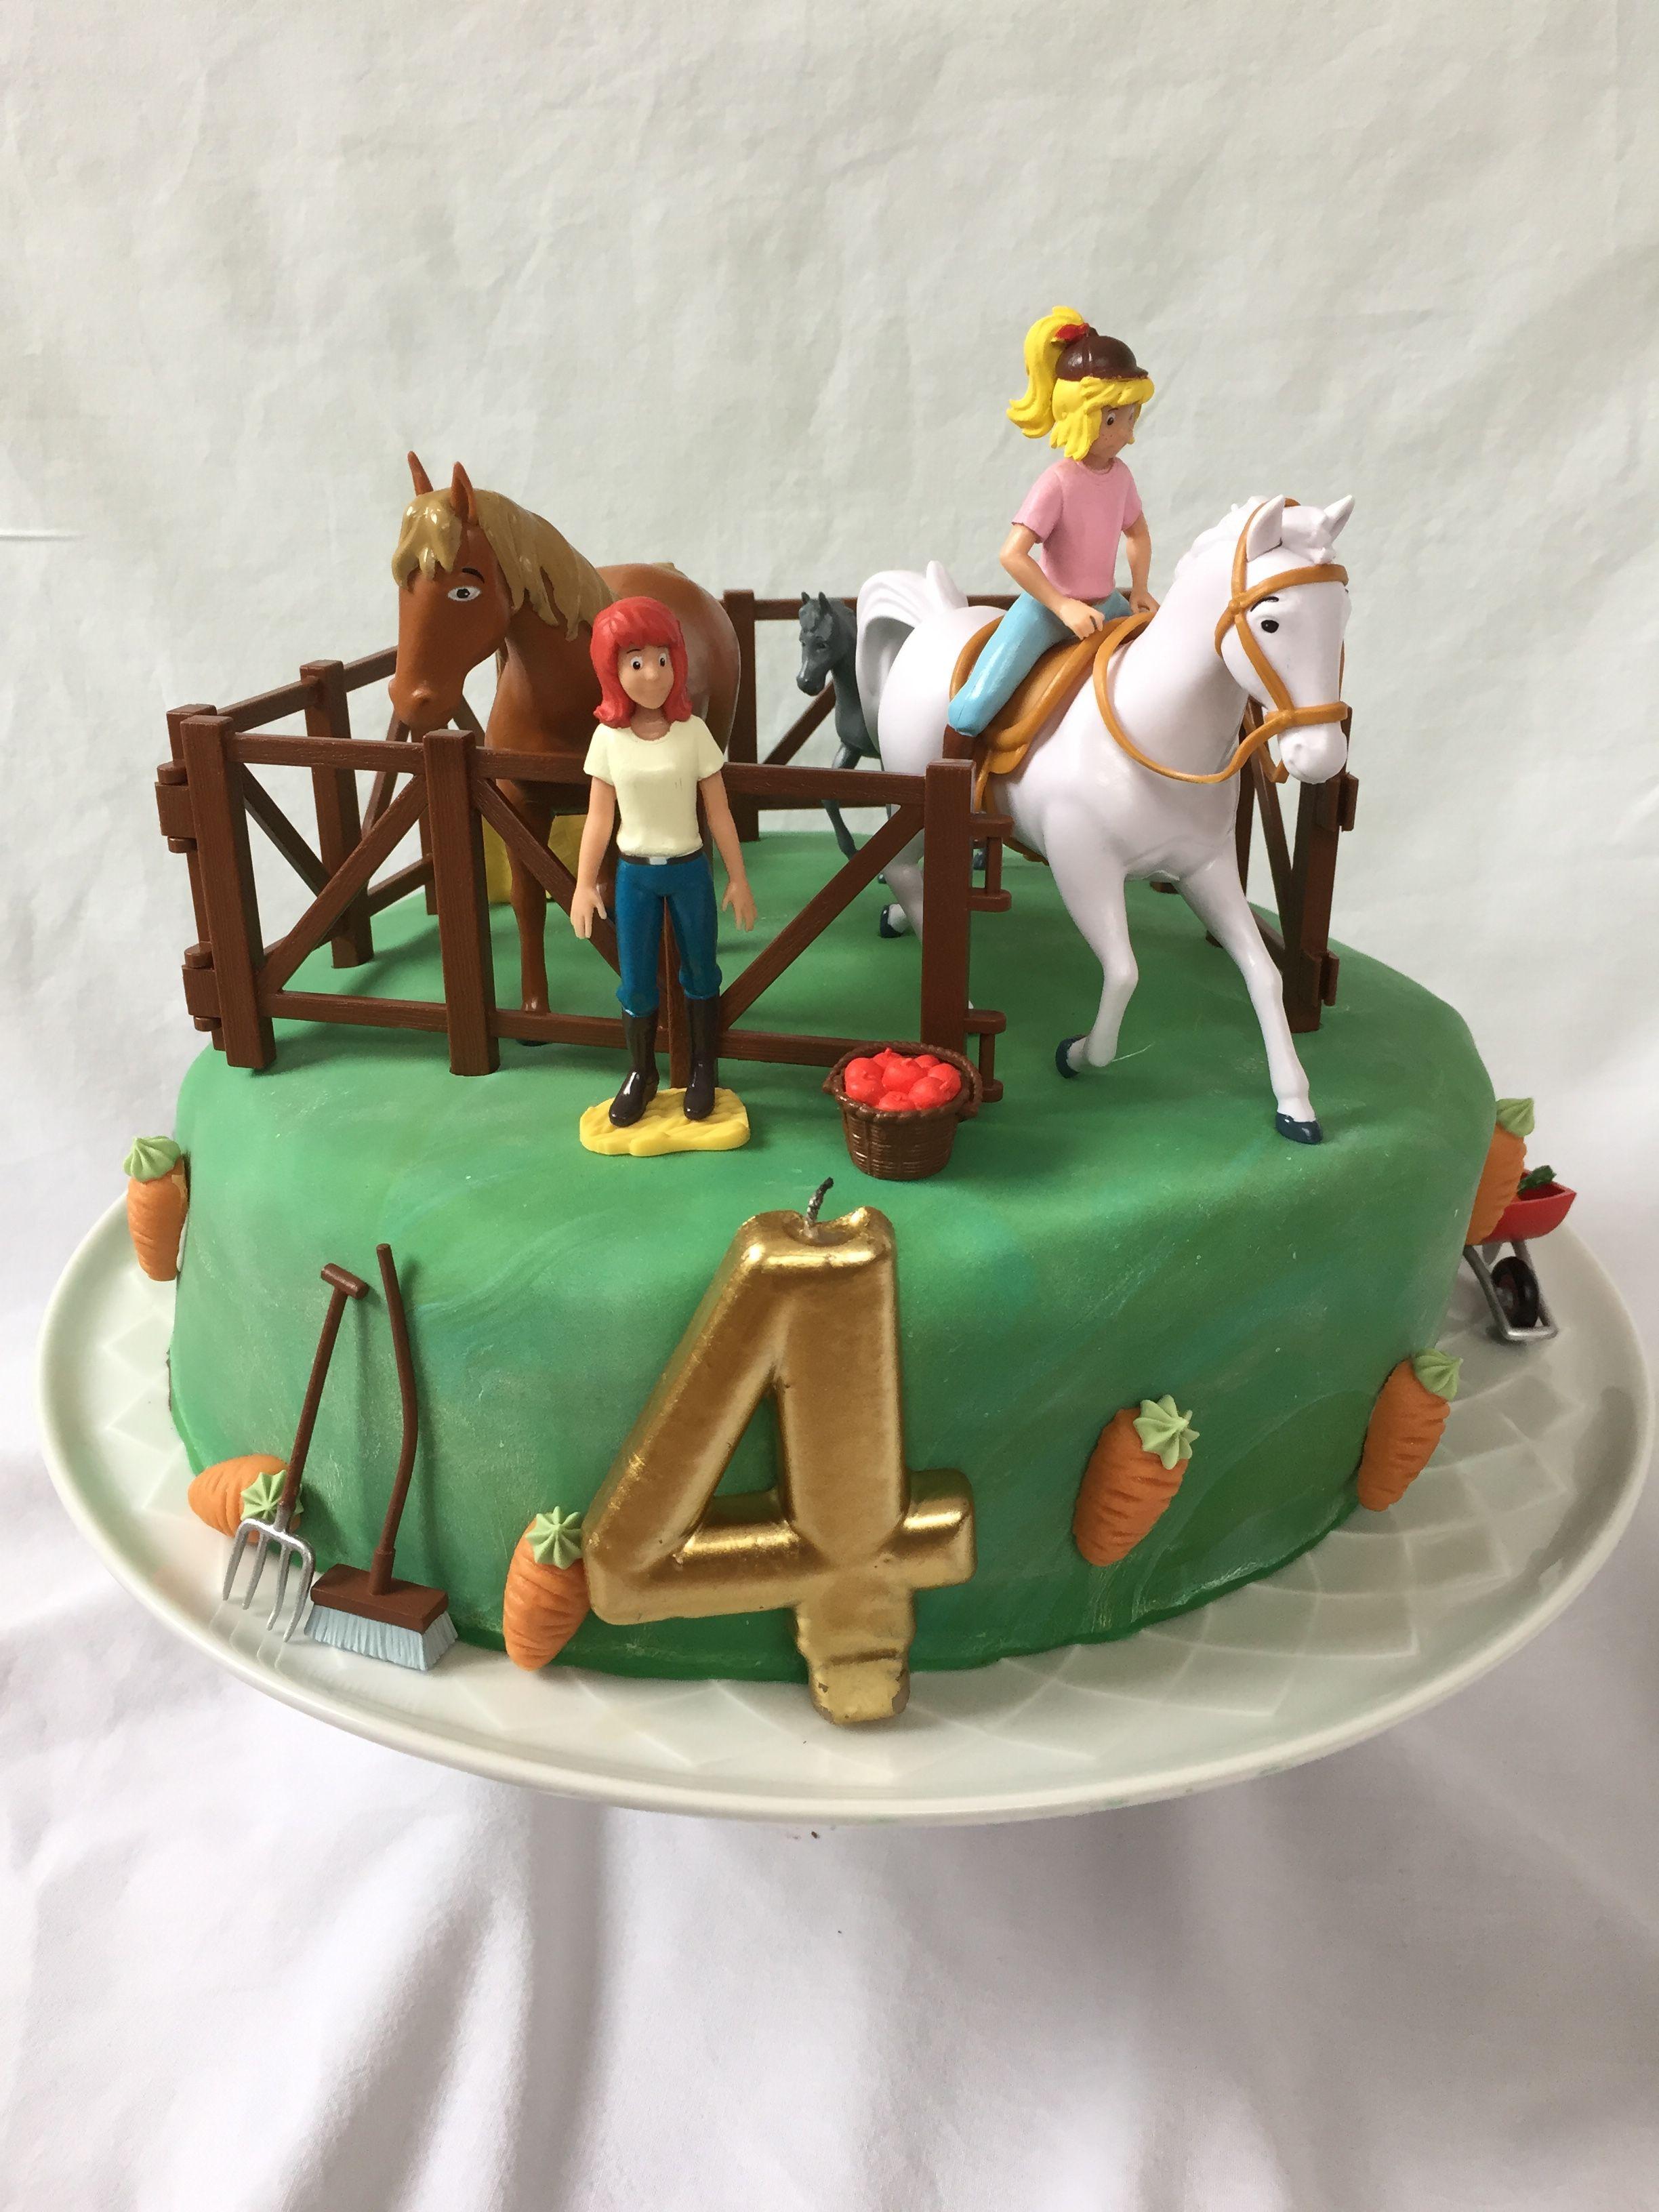 Bibi Und Tina Torte Bibi Und Tina Torte Geburtstagskuchen Kinder Bibi Und Tina